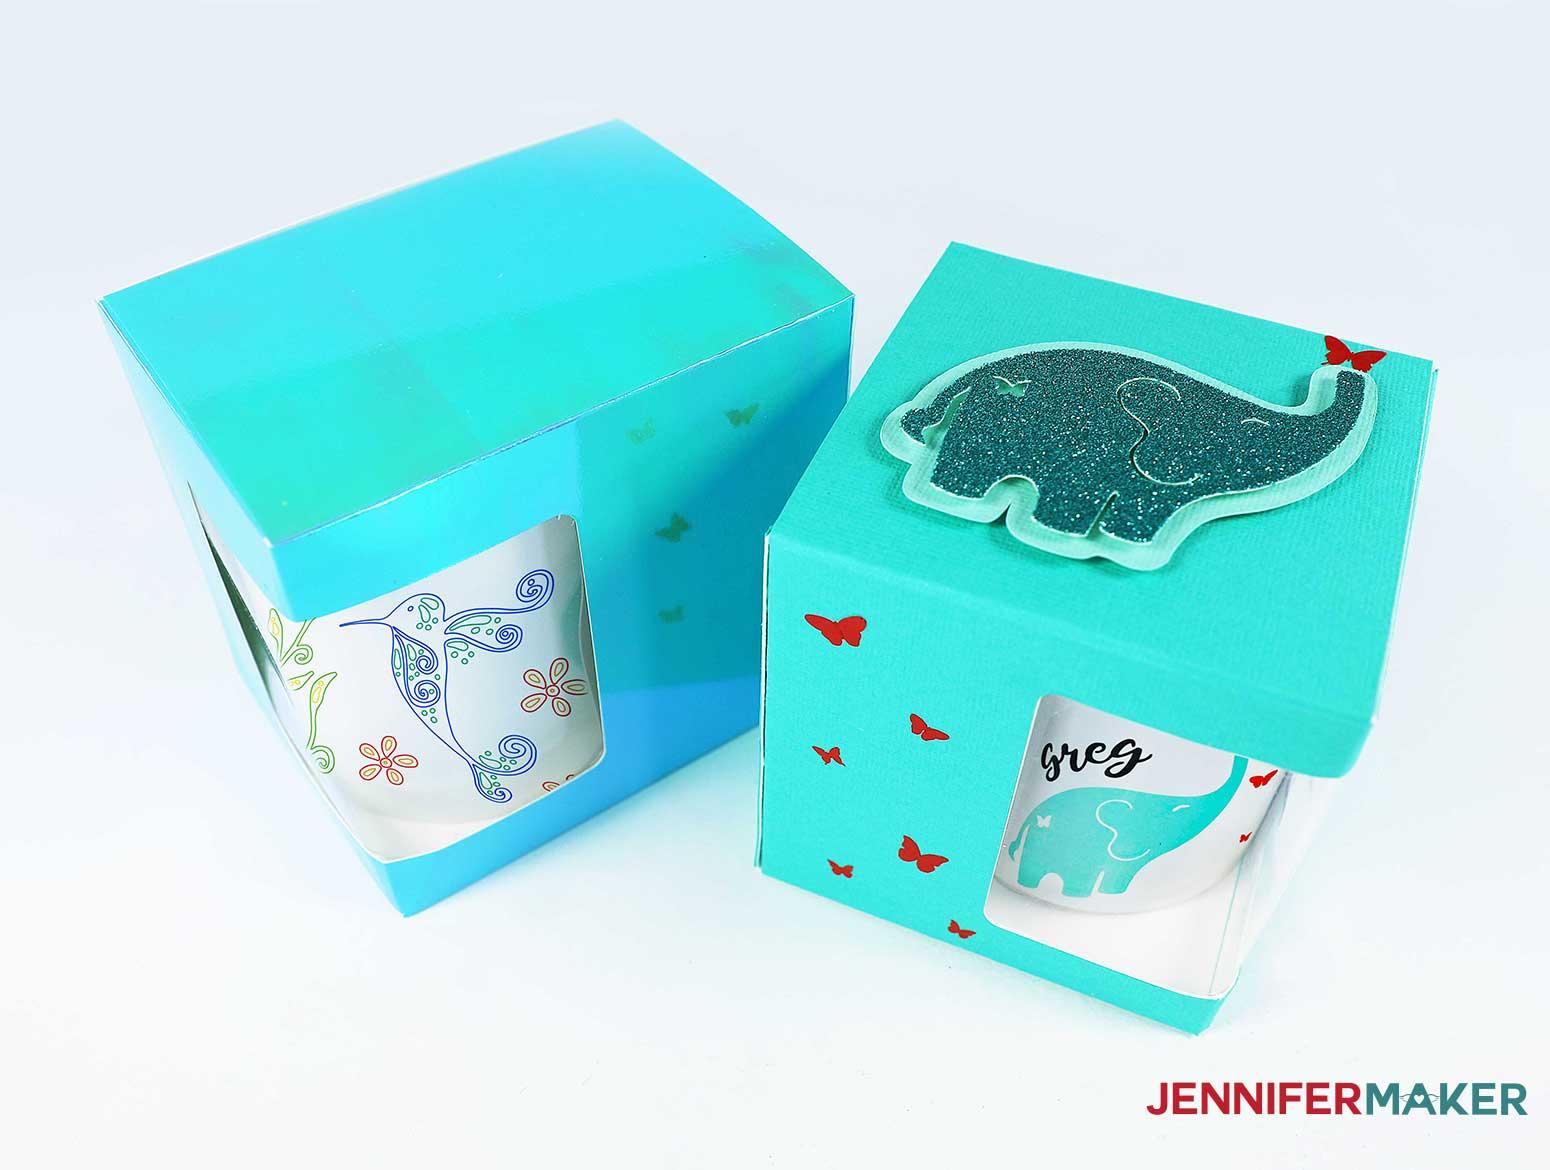 Mug gift boxes - basic window boxes